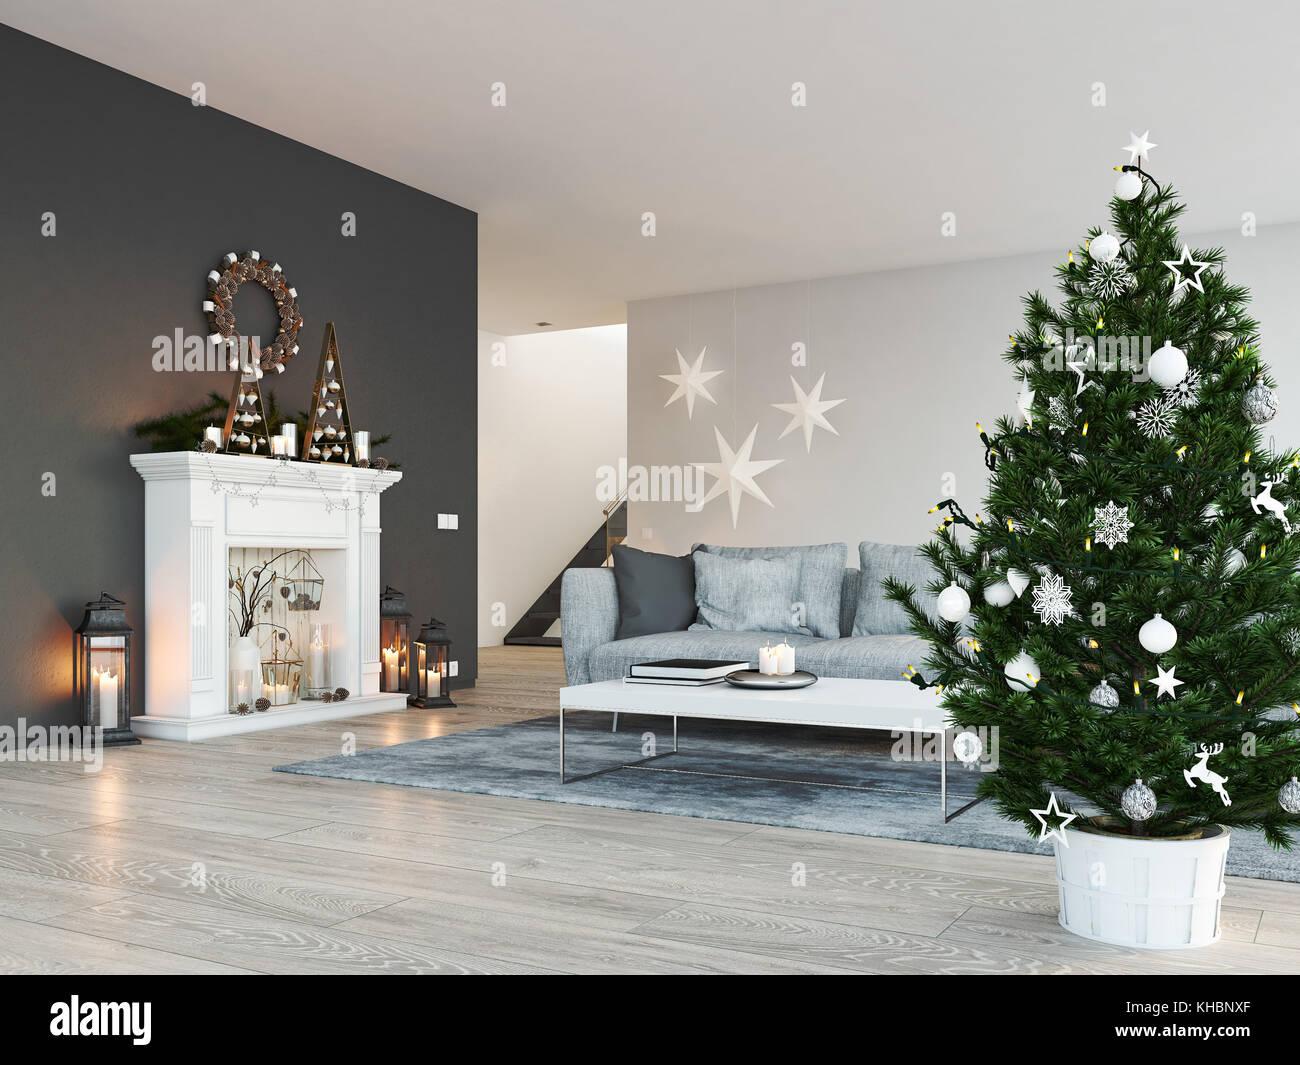 3d Rendering Haus Mit Kamin In Modernen Apartment Weihnachten Dekoration Stockfotografie Alamy